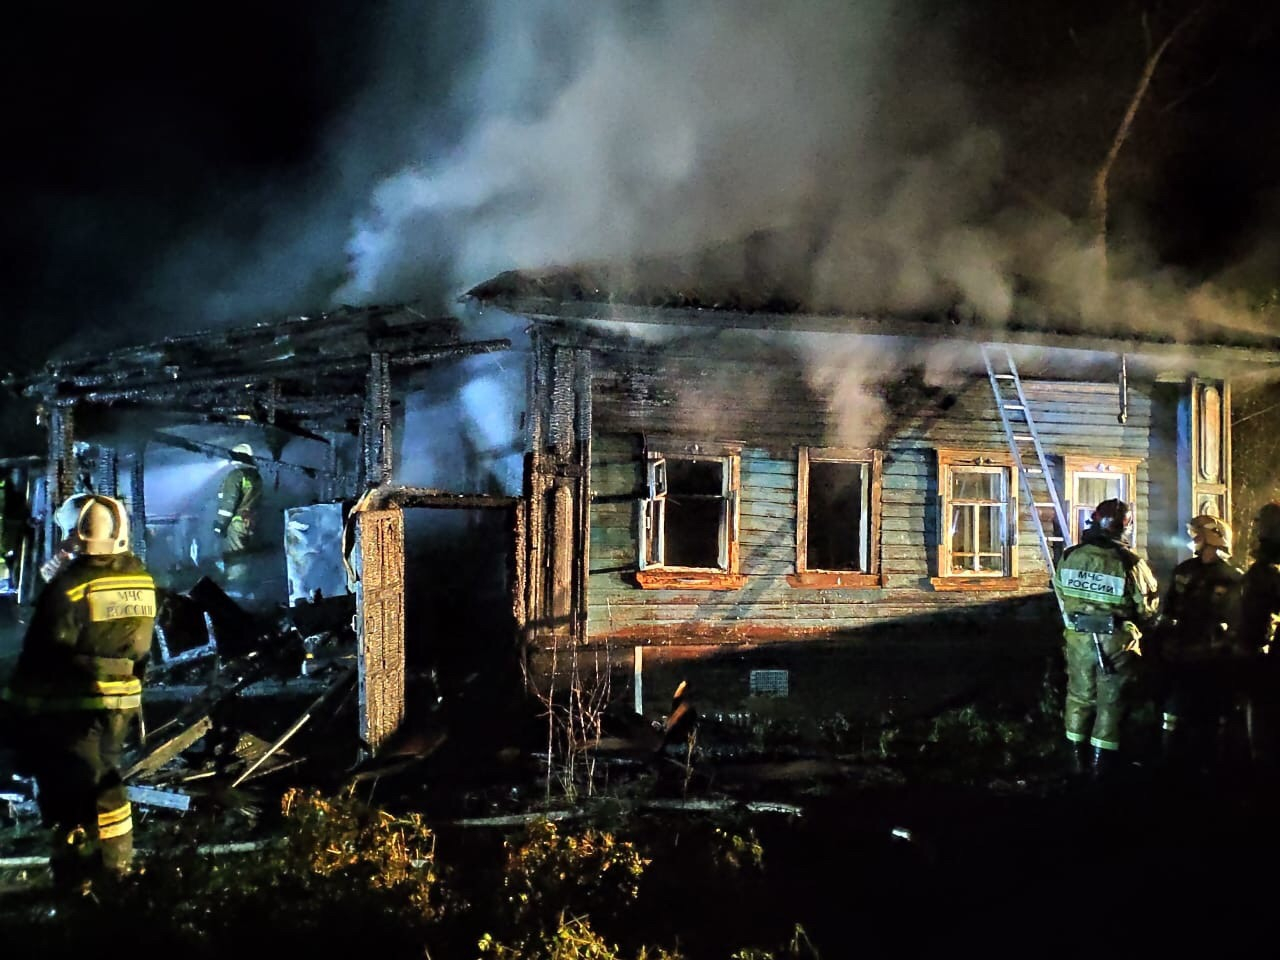 Ночной пожар в Кирово-Чепецке: спасатели не исключают версию поджога